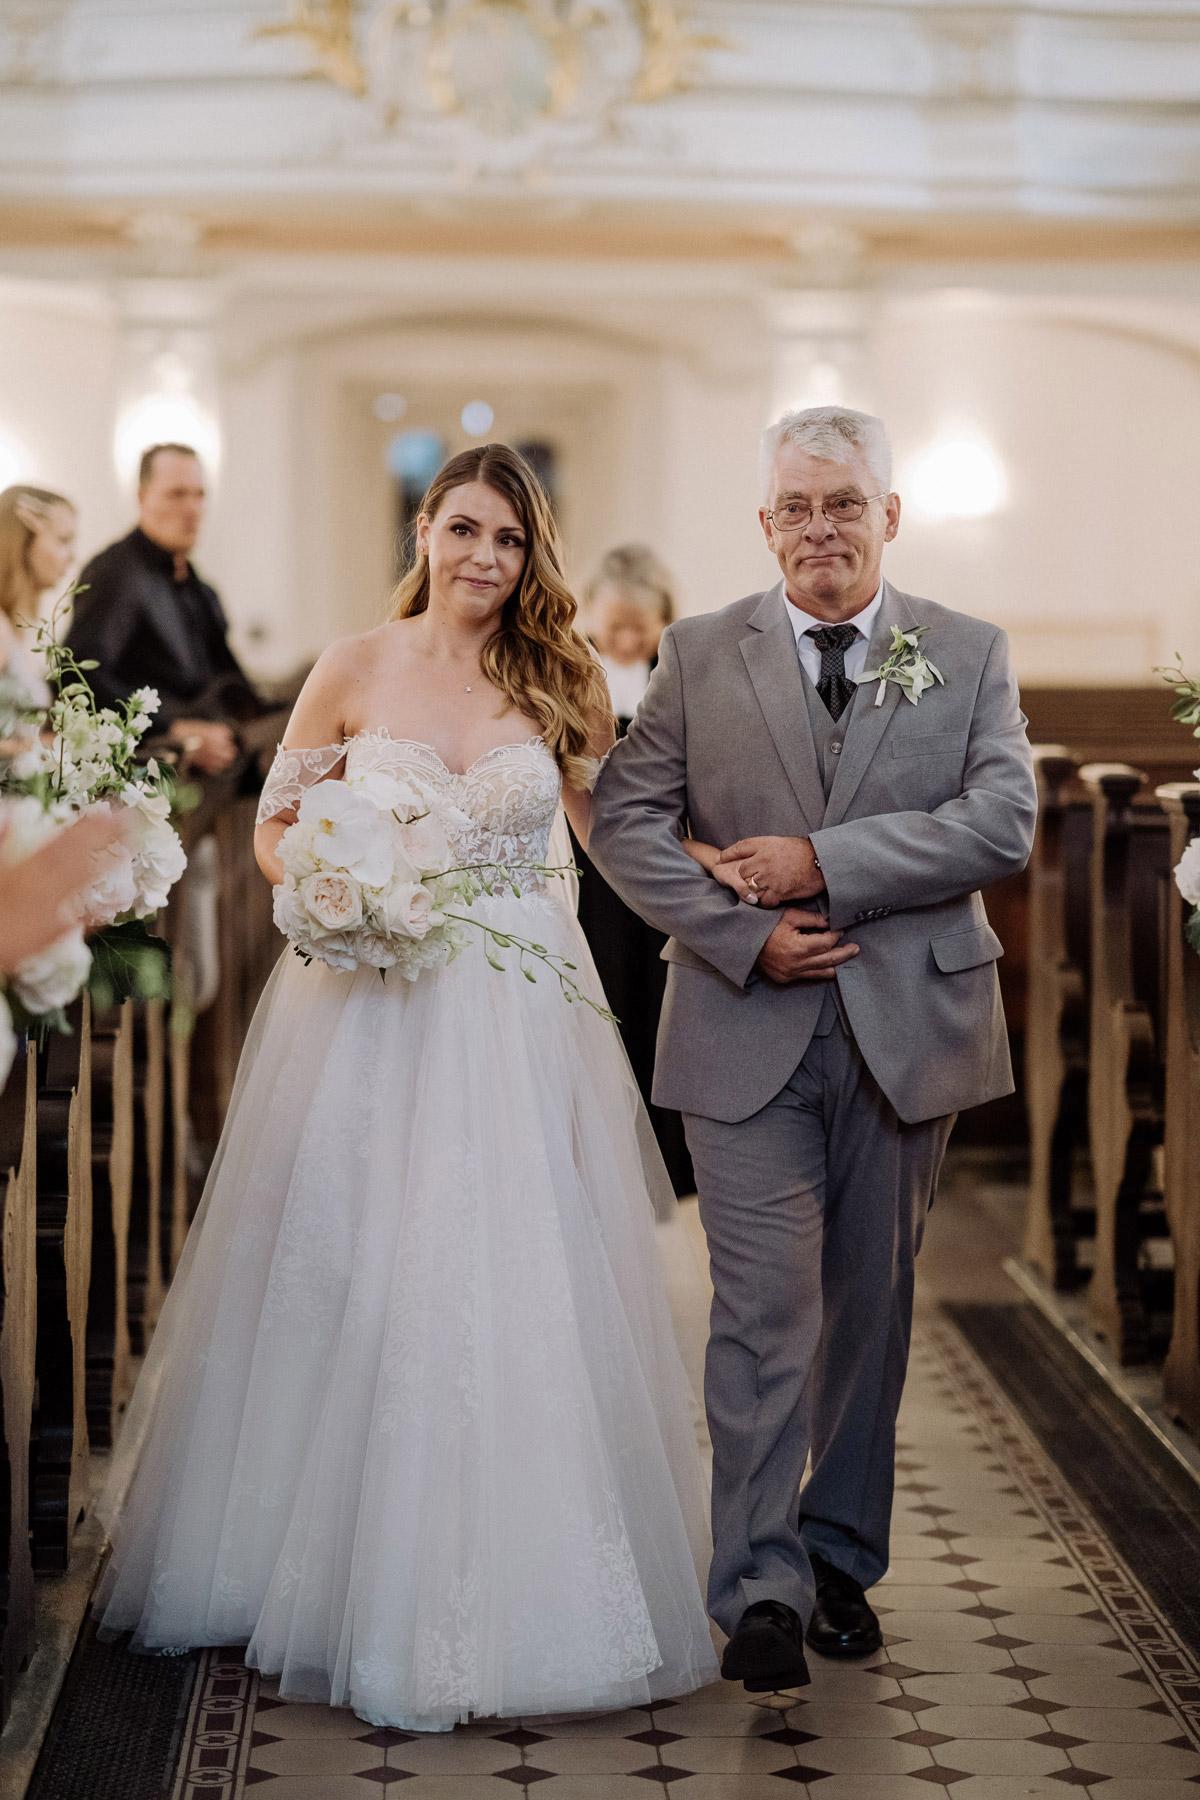 Einzug Kirche Vater mit Braut: Könnt ihr euch vorstellen, wie mein Herz schlug als mein Vater mich in der Sophienkirche zum Altar geleitet hat? Es war ein unfassbar schöner Hochzeitsmoment. Auf den Hochzeitsfotos im Blog der Berliner Hochzeitsfotografin #hochzeitslicht © www.hochzeitslicht.de seht ihr auch die Reaktion von meinem Bräutigam Steven - Solche Hochzeitsmomente sind unbezahlbar. #hochzeit #kirche #brautvater